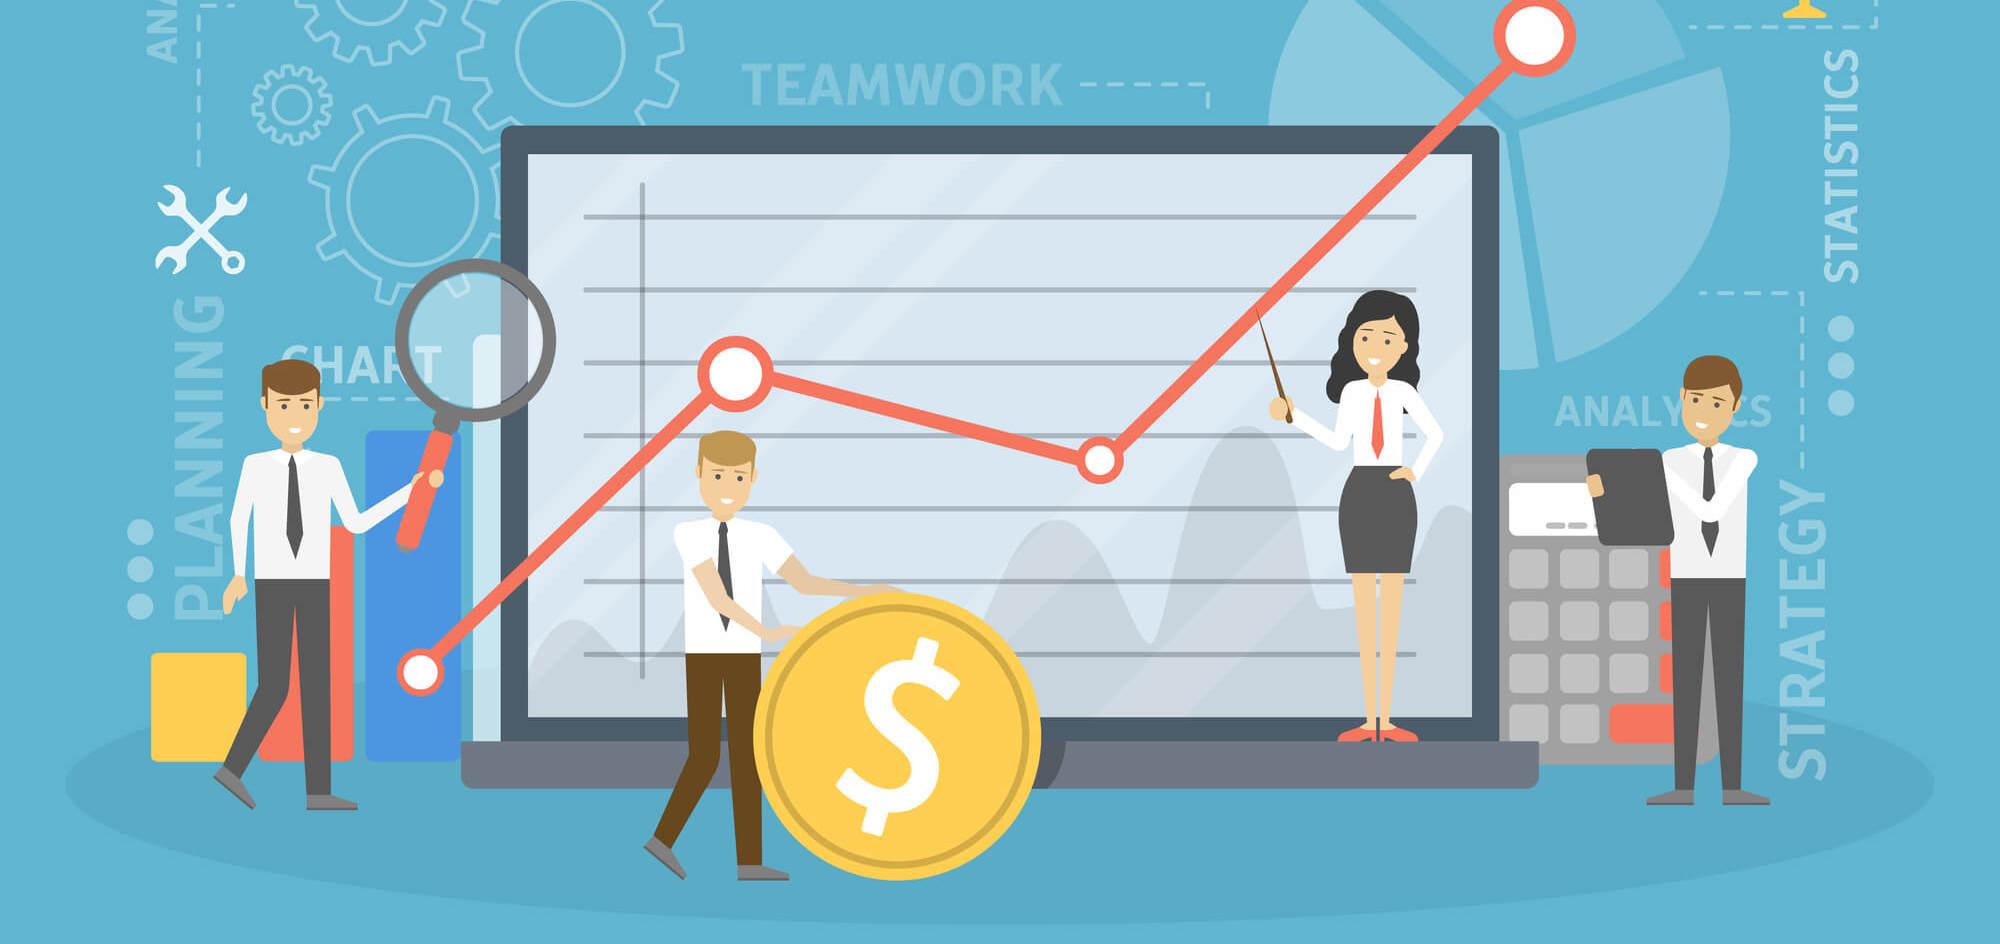 Saiba como aumentar a produtividade da sua equipe e ter melhores resultados